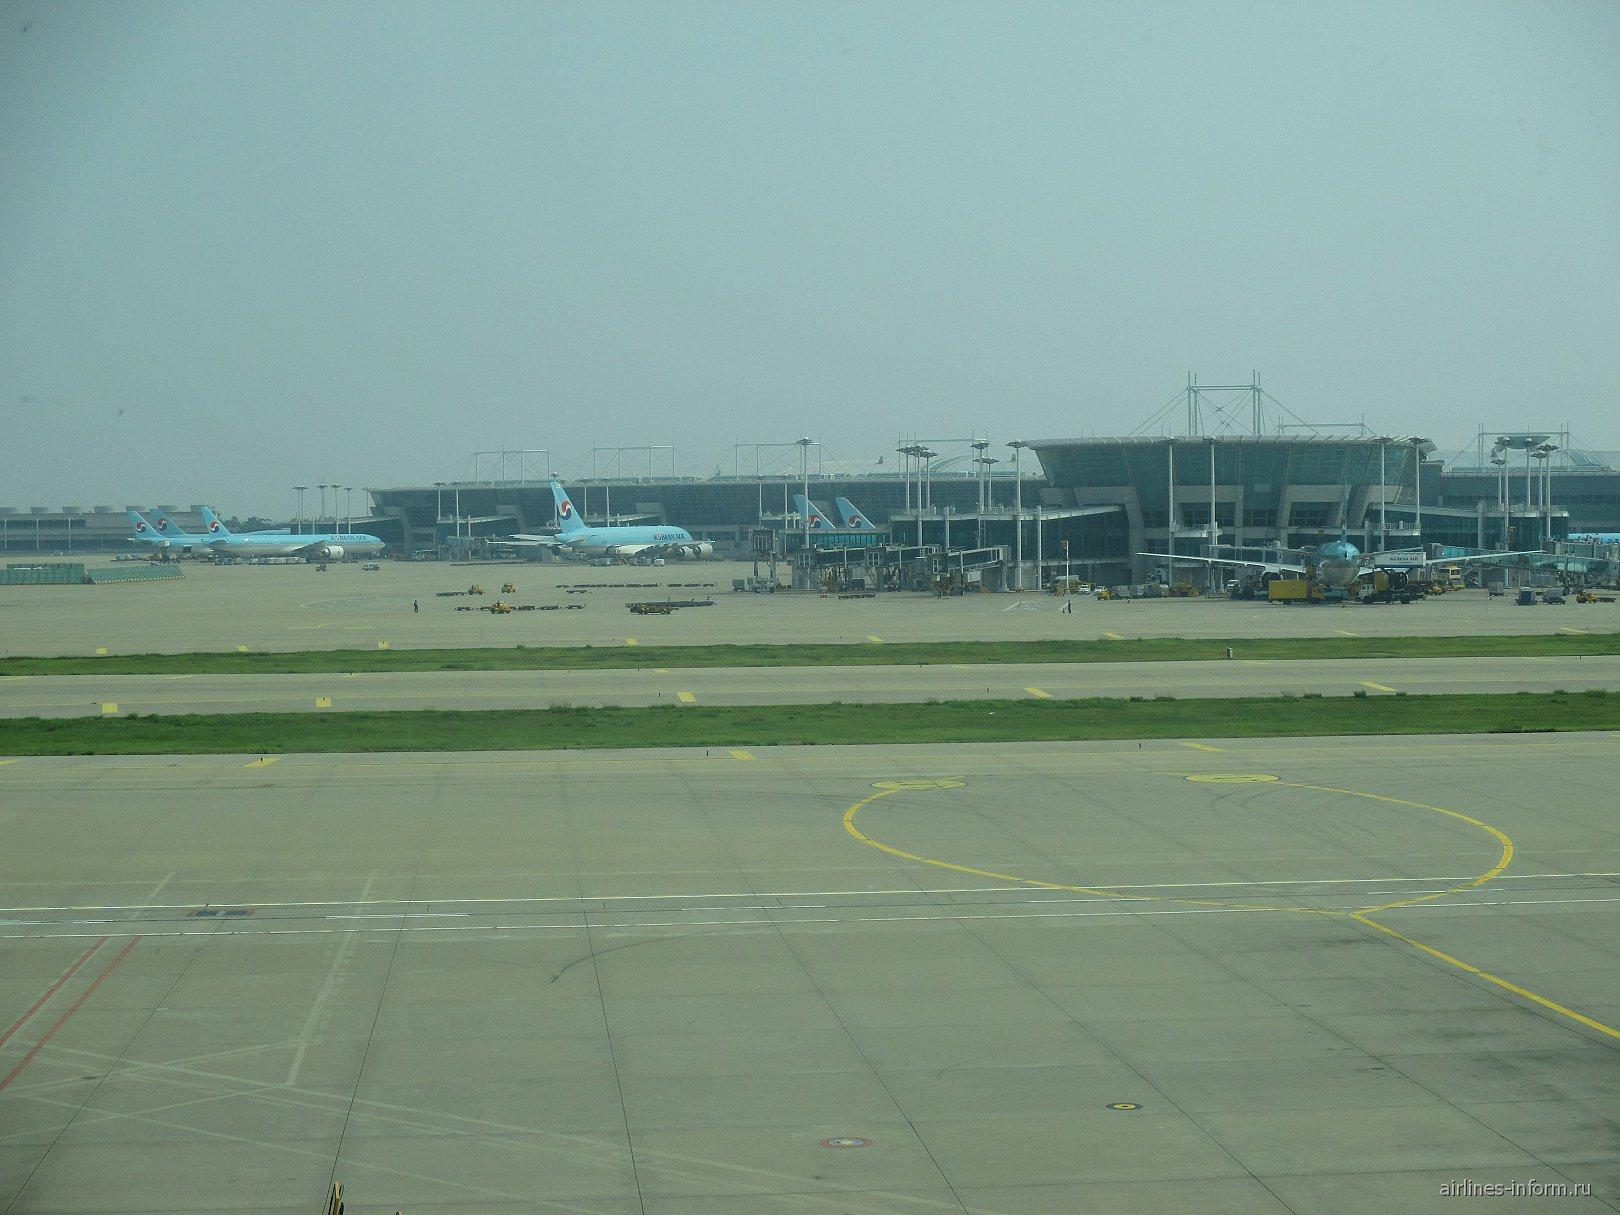 Главный пассажирский терминал аэропорта Сеул Инчхон